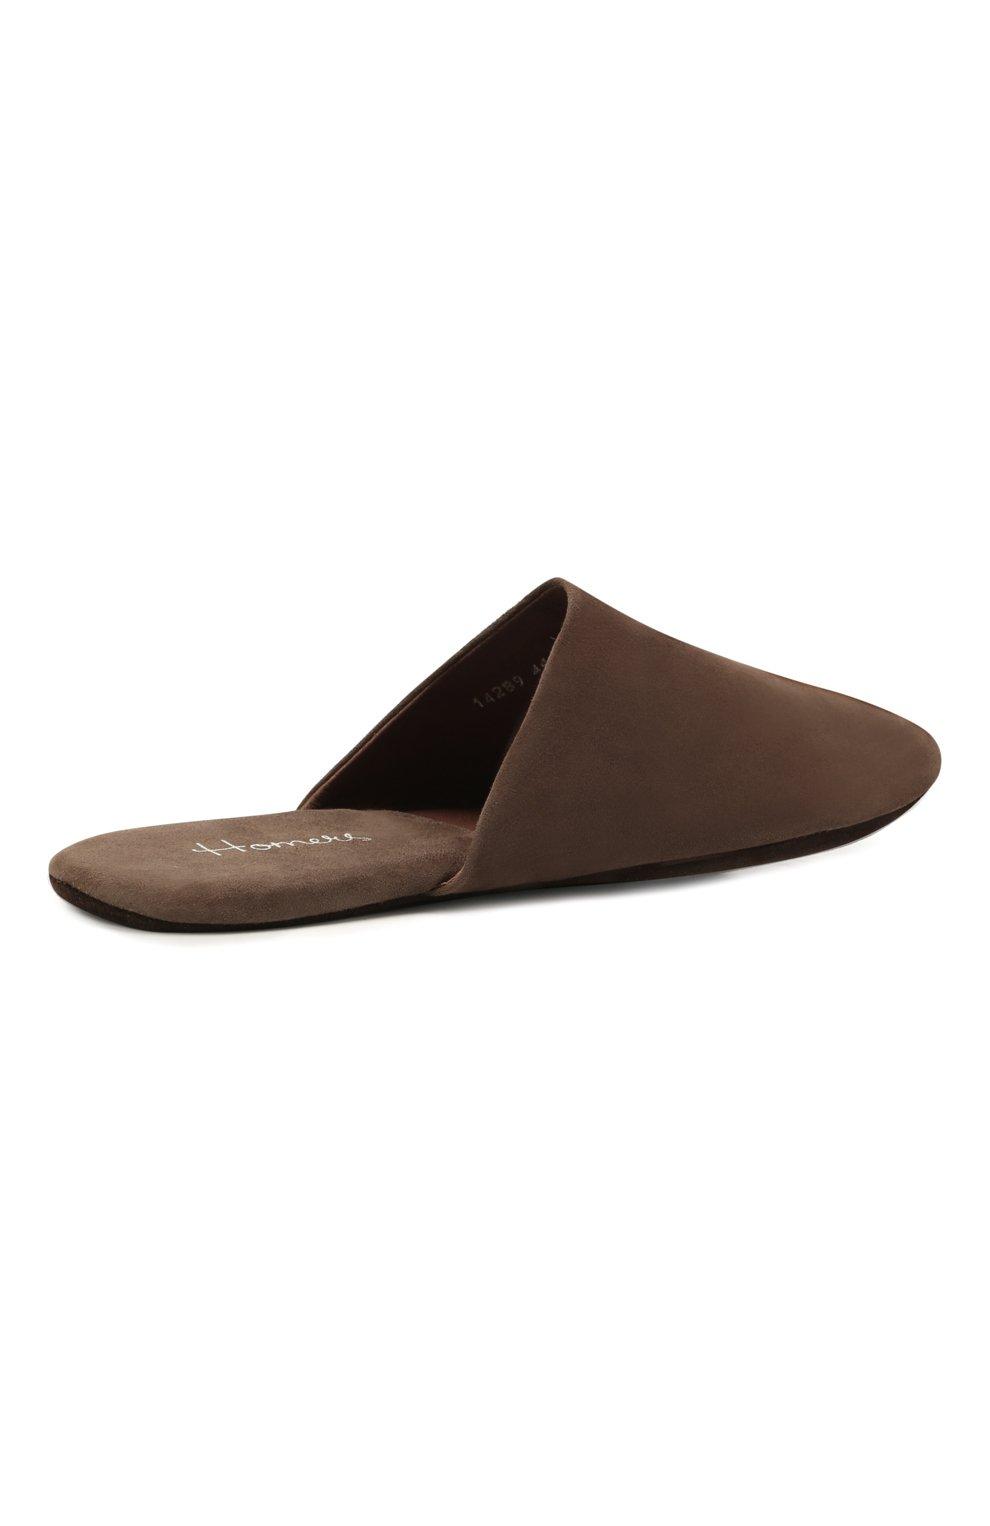 Мужского замшевые домашние туфли HOMERS AT HOME коричневого цвета, арт. 14289/ANTE | Фото 4 (Материал внутренний: Натуральная кожа; Материал внешний: Замша; Мужское Кросс-КТ: тапочки-обувь)